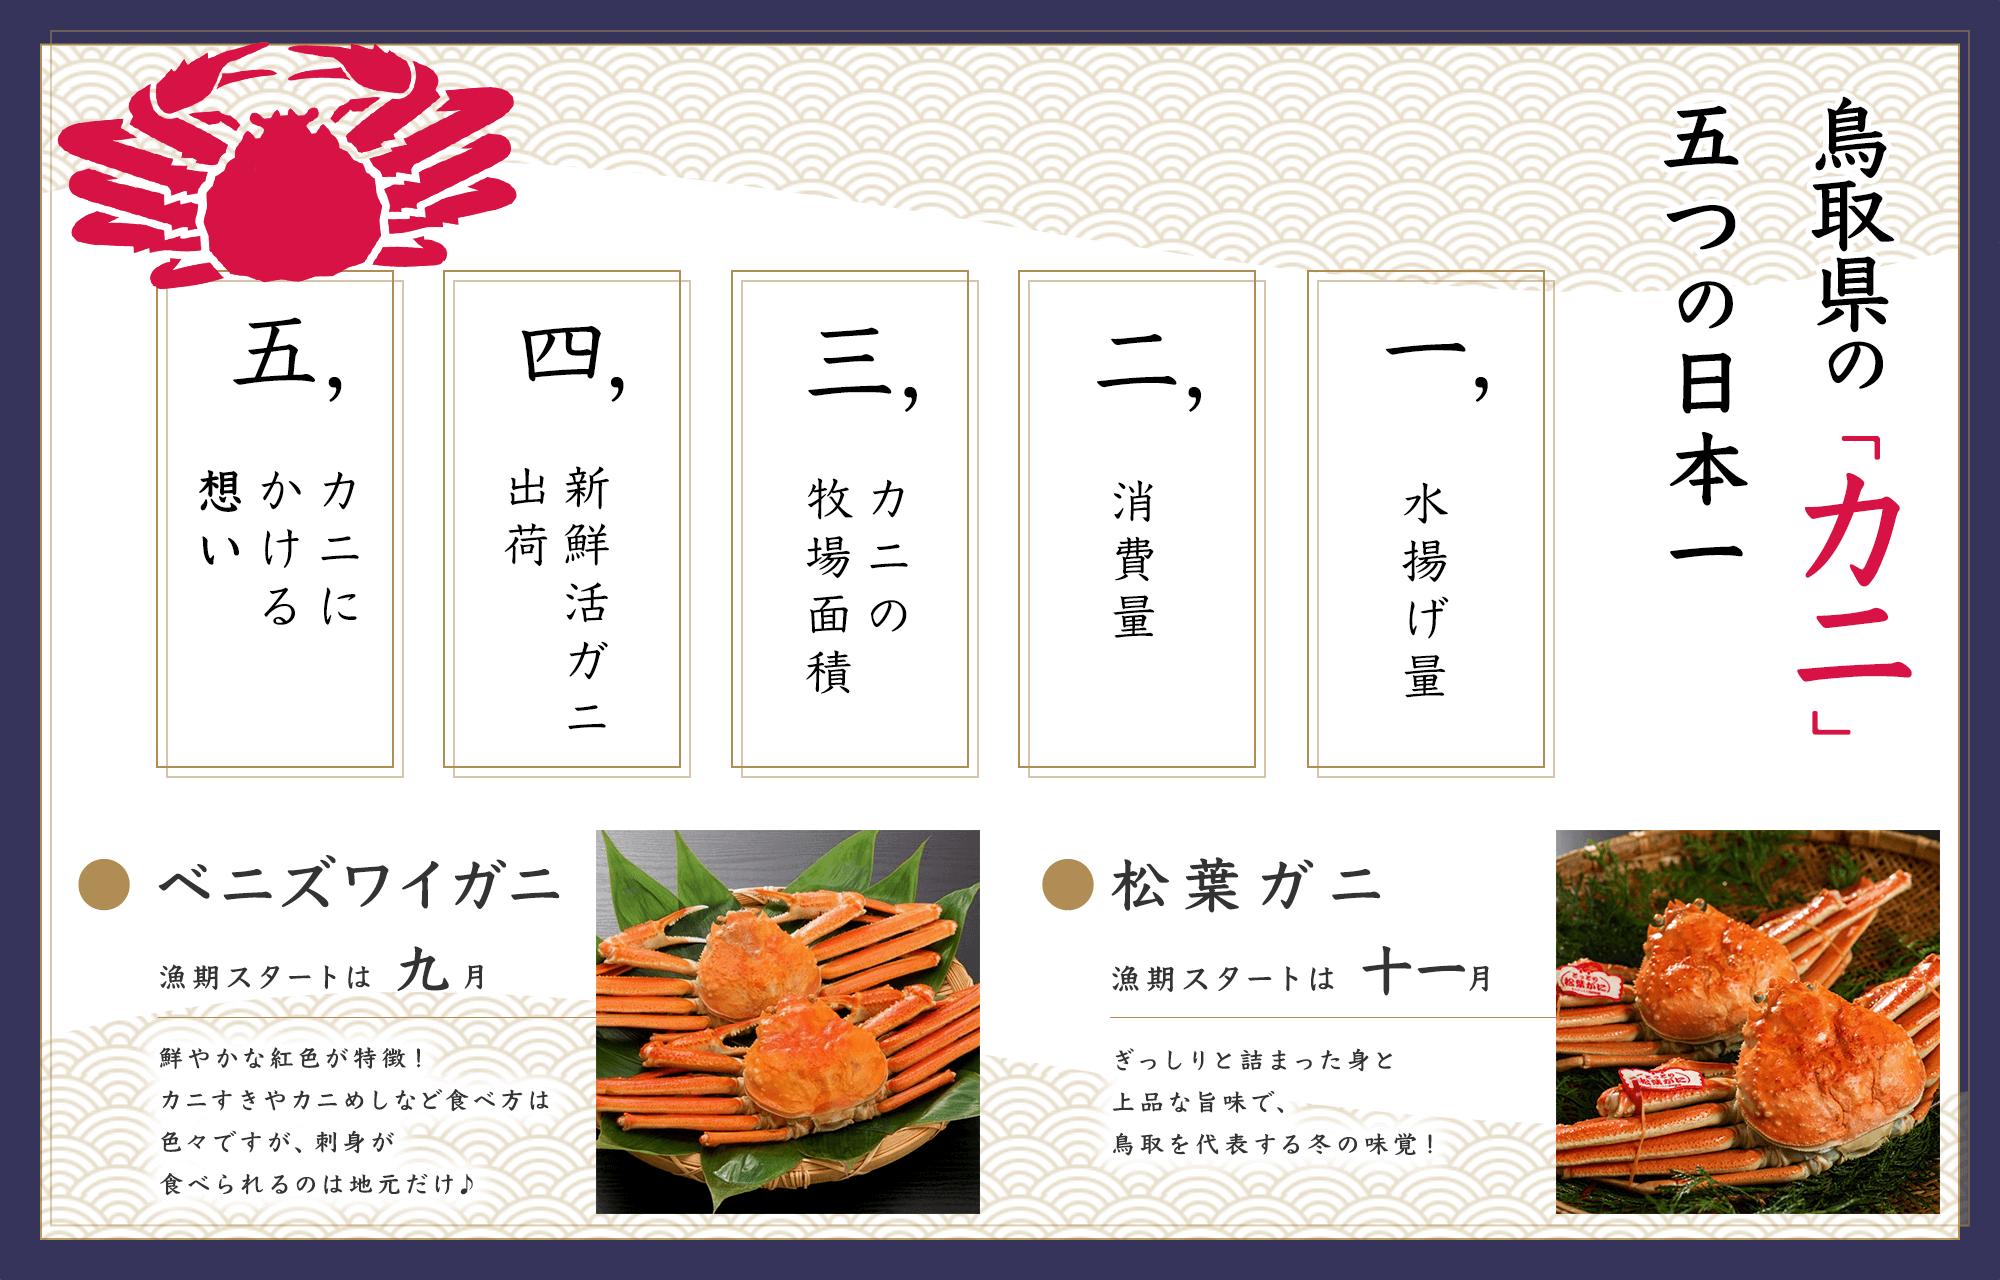 鳥取県カニの五つの日本一